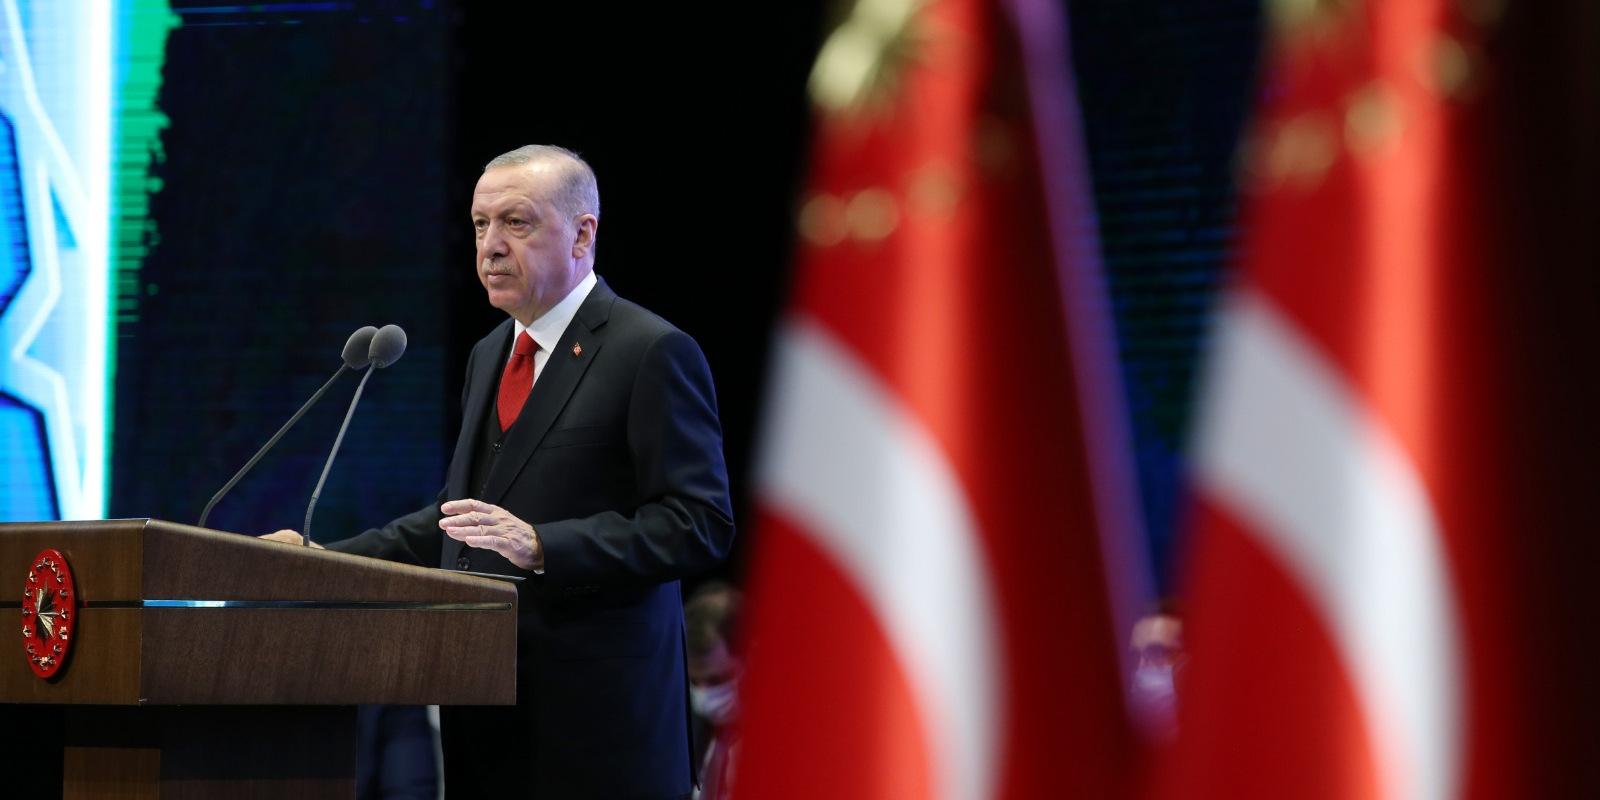 'Ekonomi, hukuk ve demokraside yepyeni bir seferberlik başlatıyoruz.'